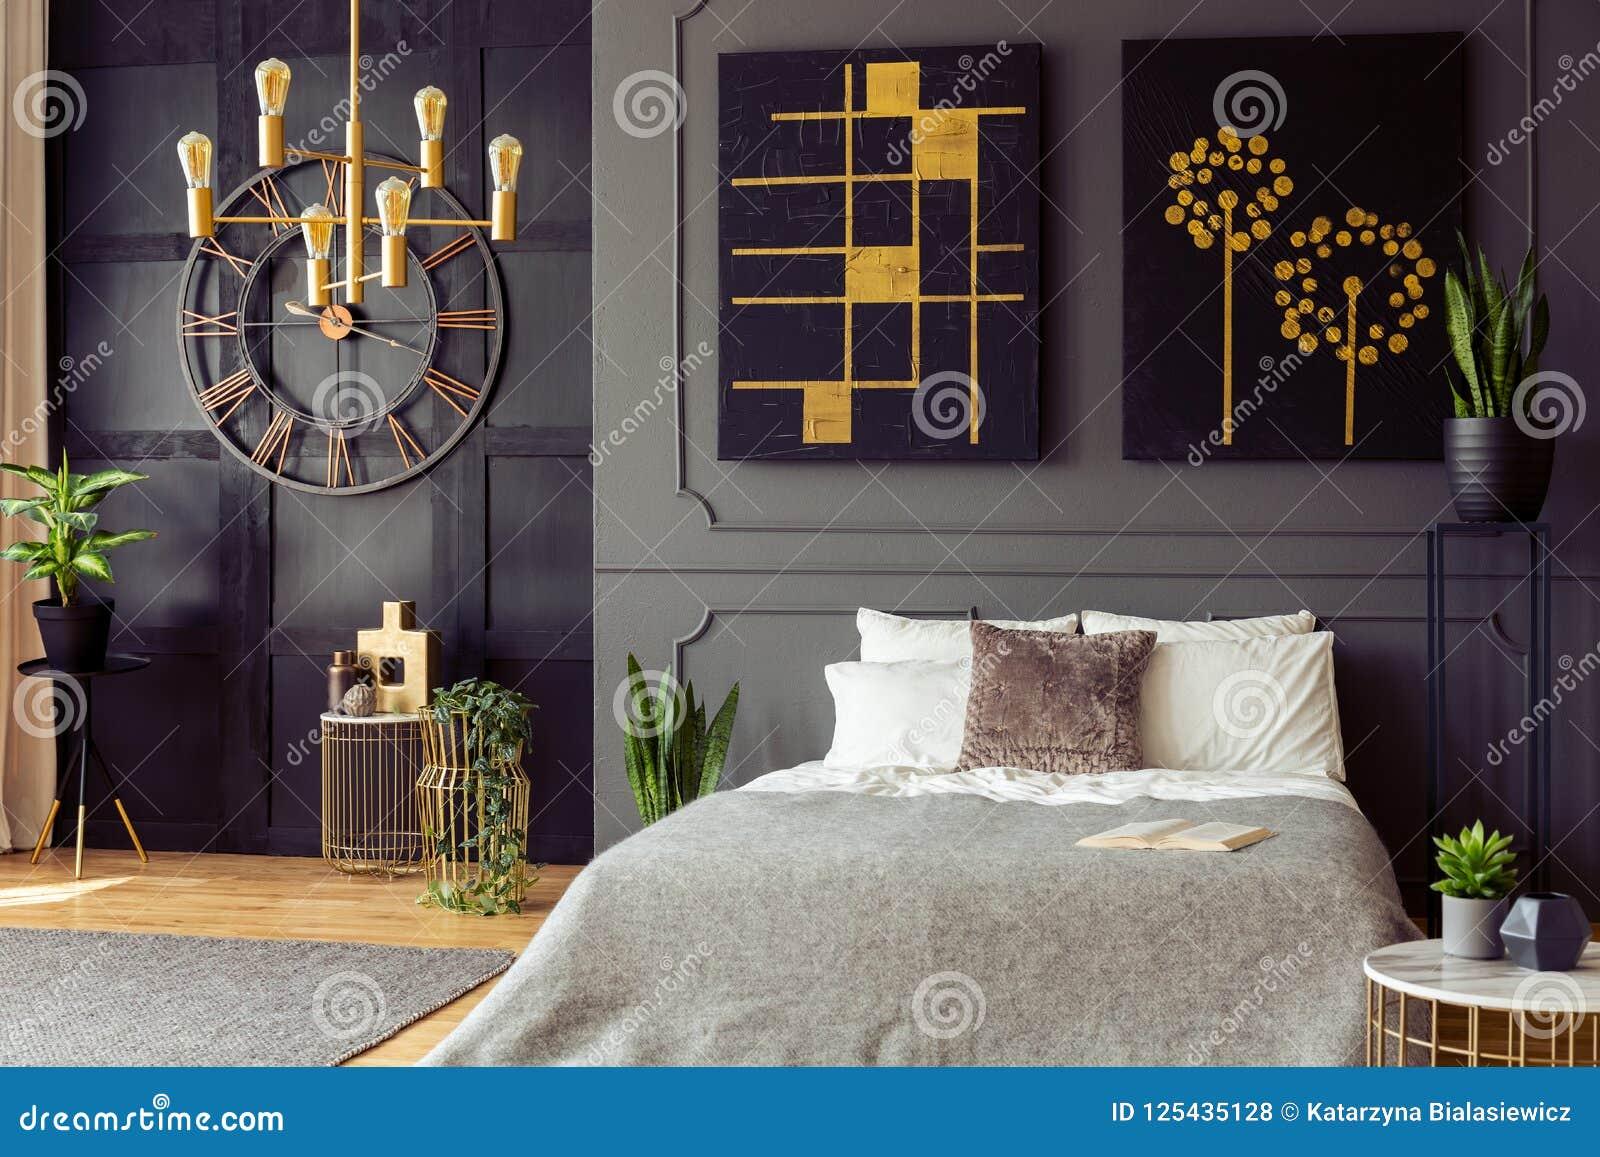 Заводы и чернота и плакаты золота в сером интерьере спальни с часами и кровати с подушками Реальное фото